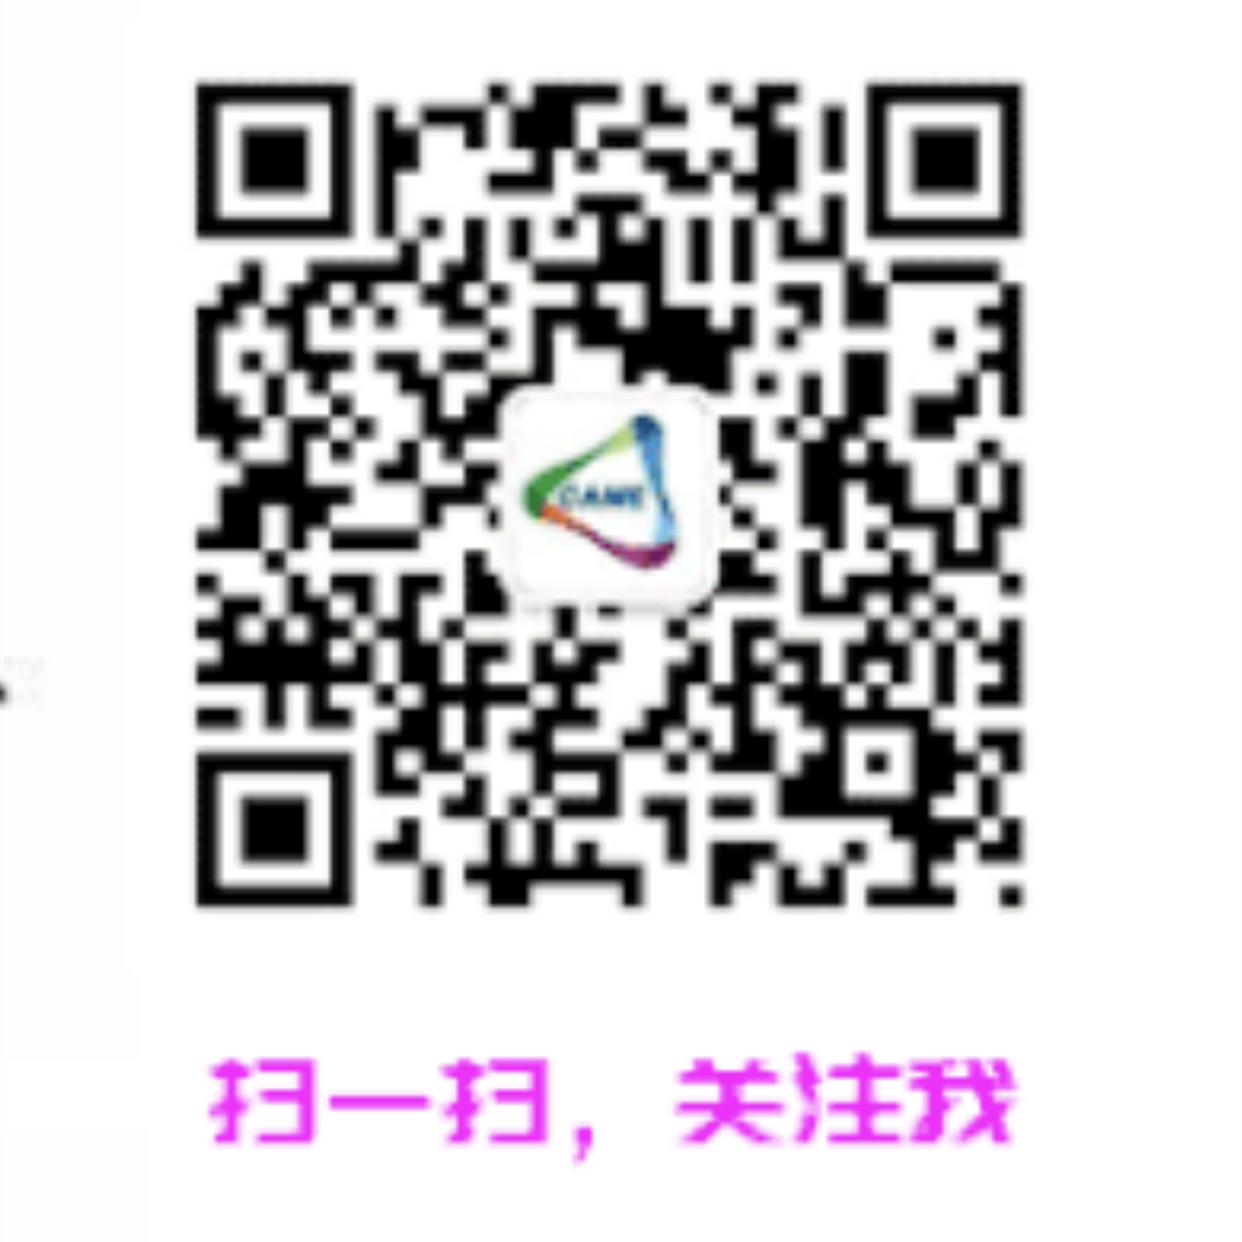 微信图片_20210409163057.png